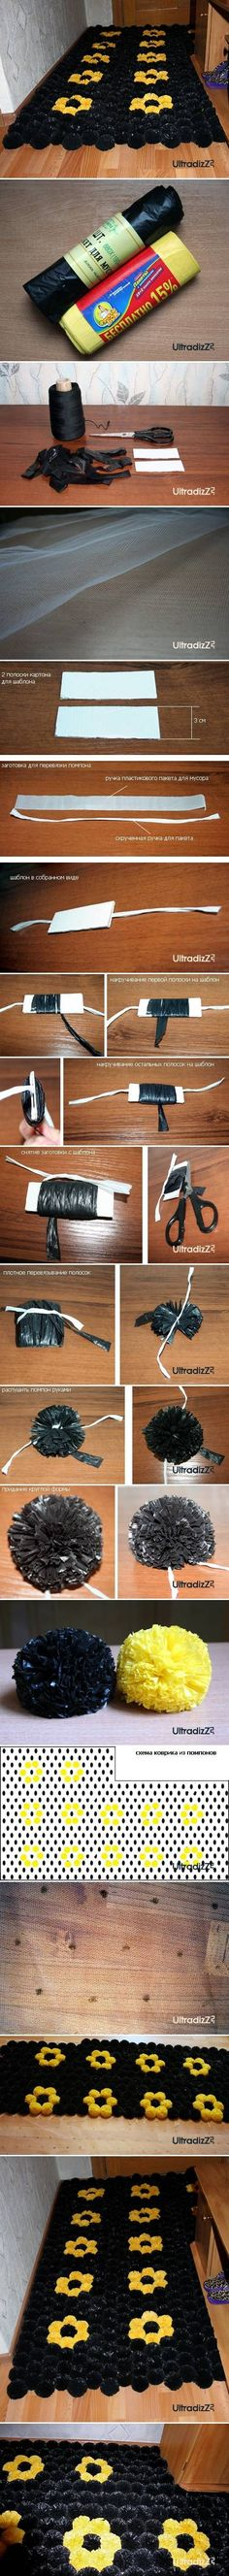 DIY Plastic Bag Pom Pom Mat